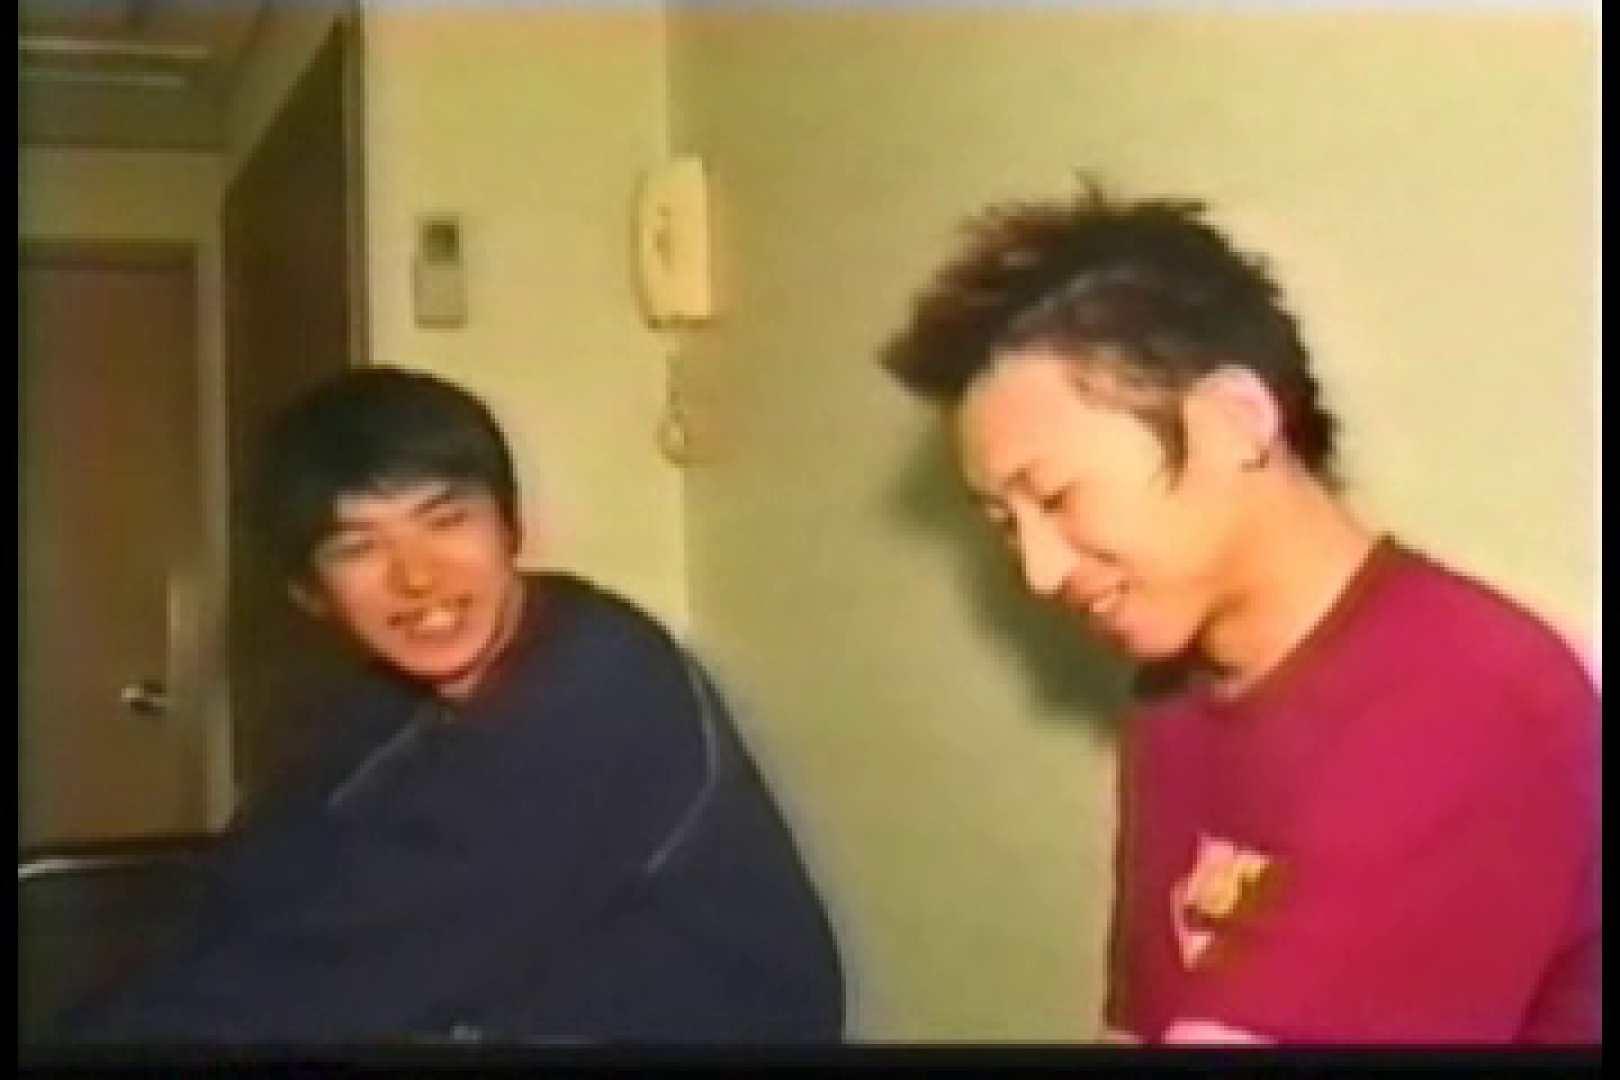 【個人撮影】俺の育てた若い子2人オナニーとファック 個人撮影   ゲイのオナニー映像  82枚 31